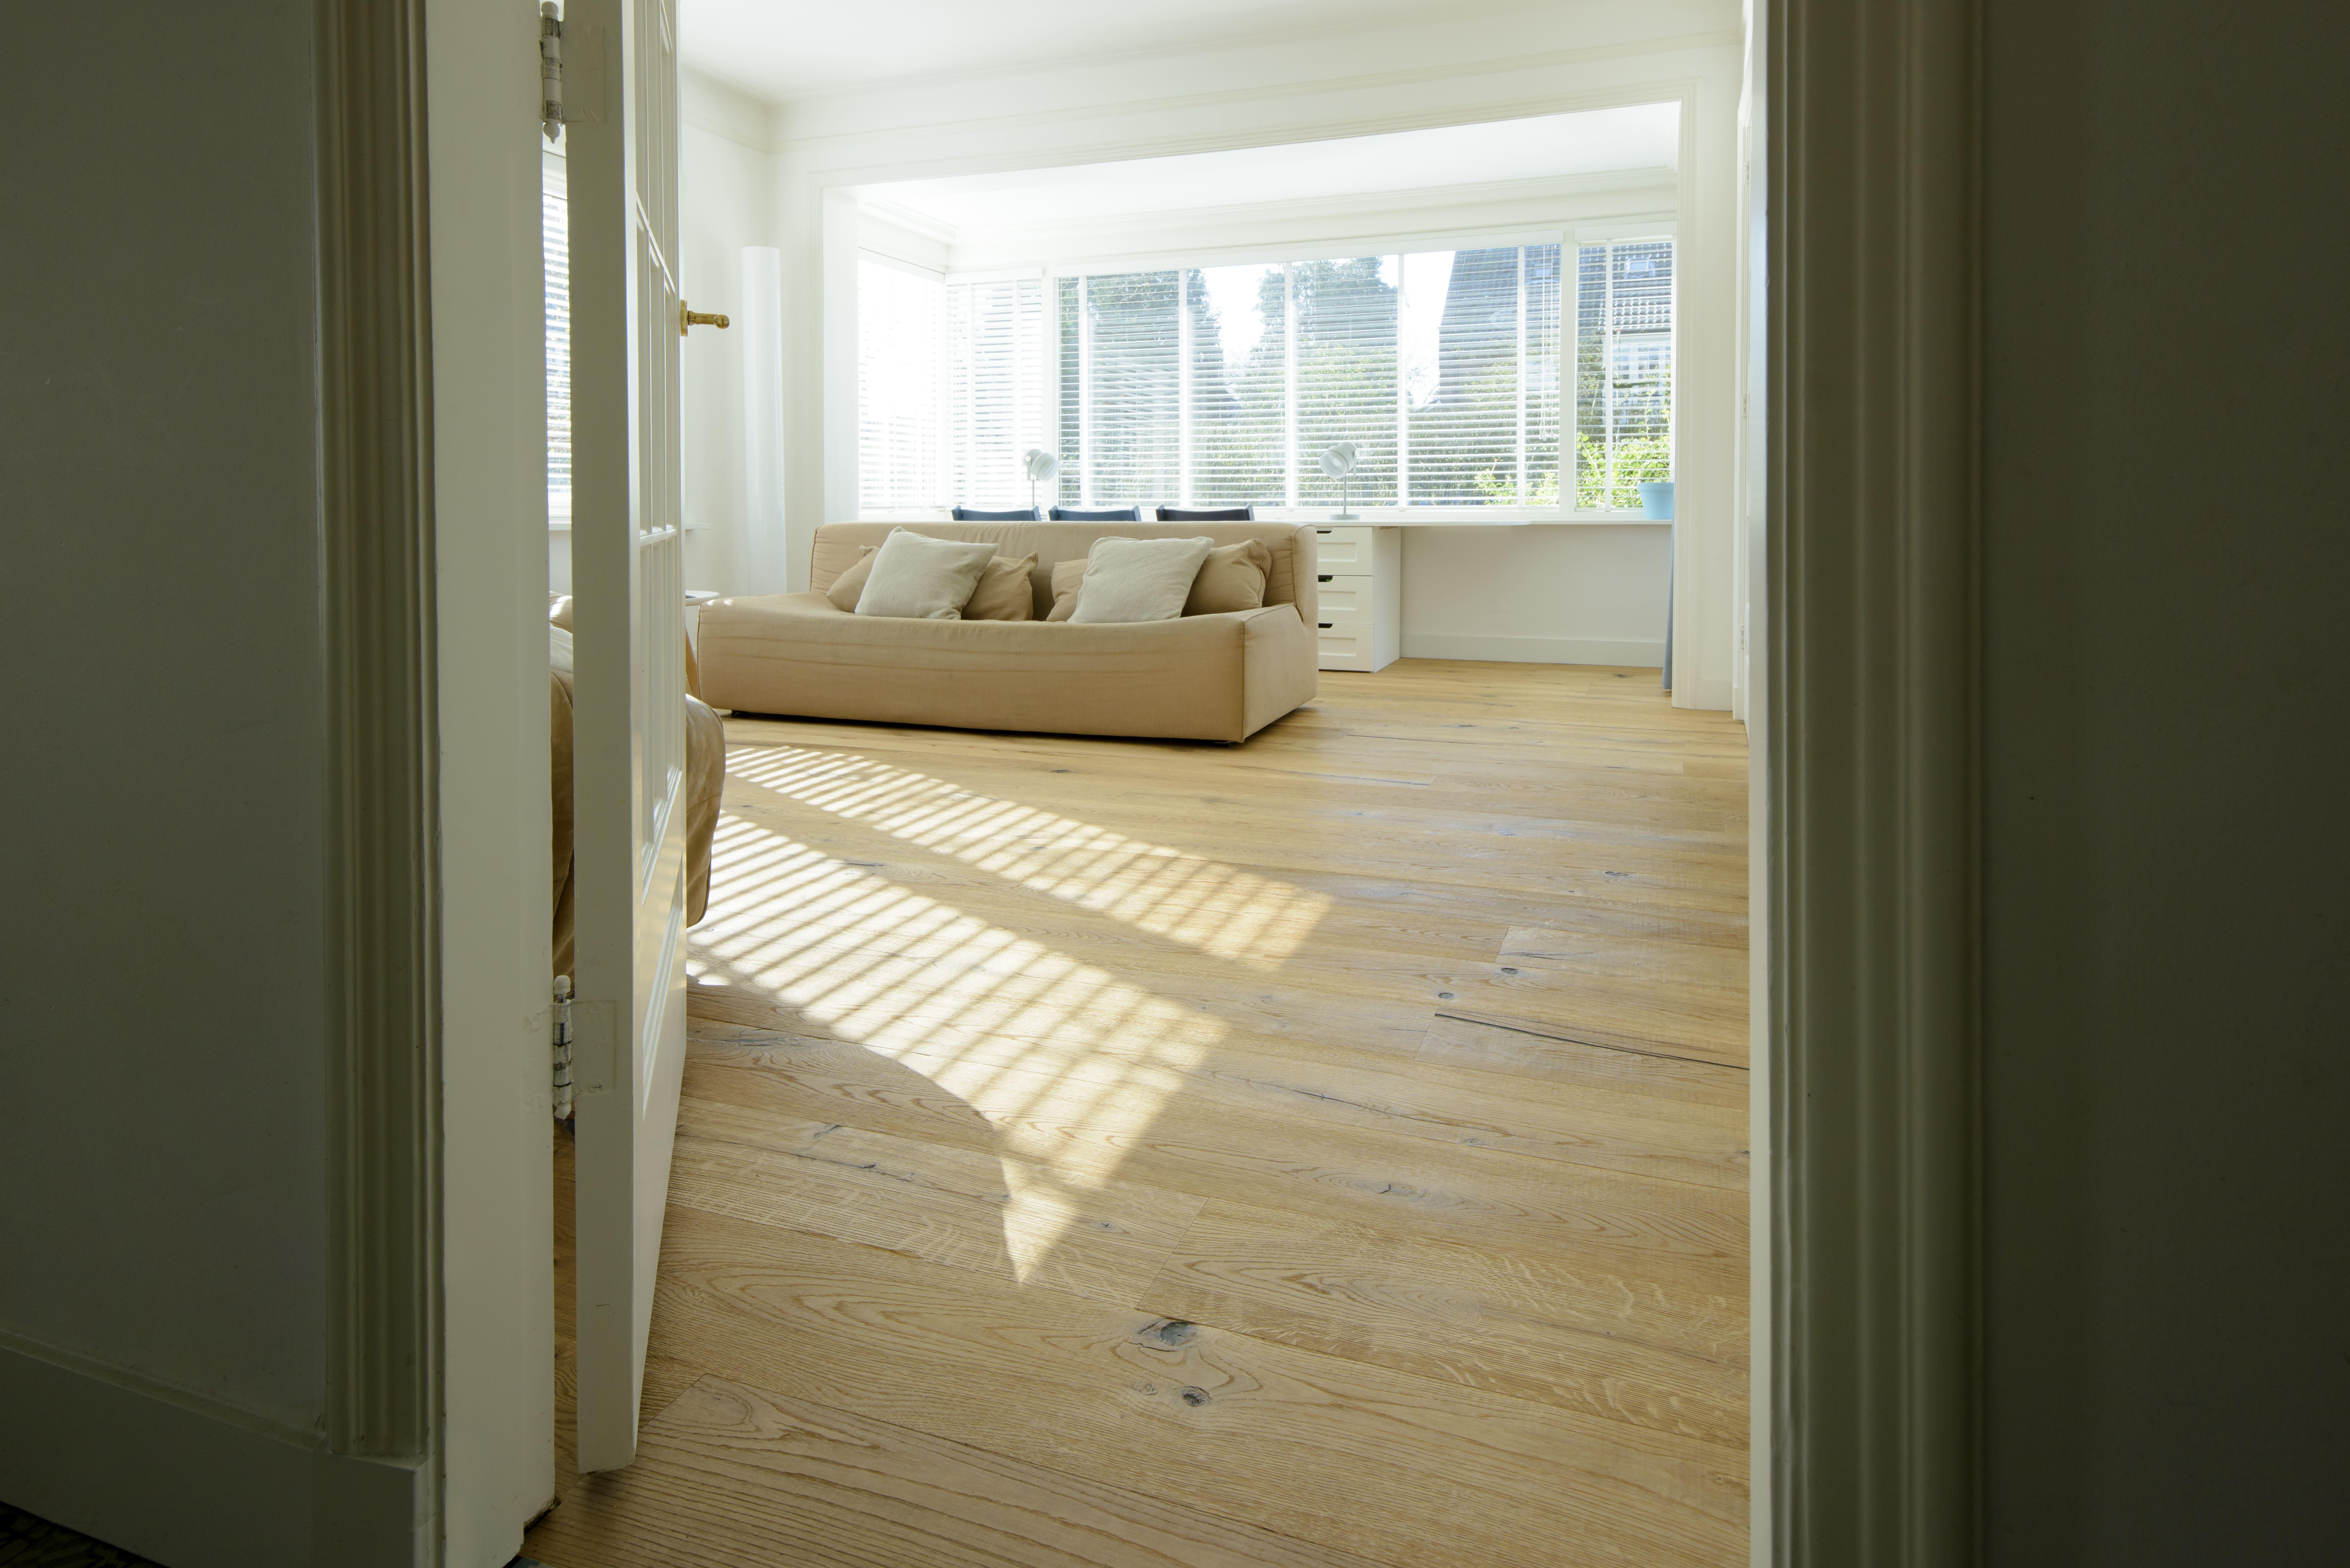 Massief houten vloer, parket met houtnerf